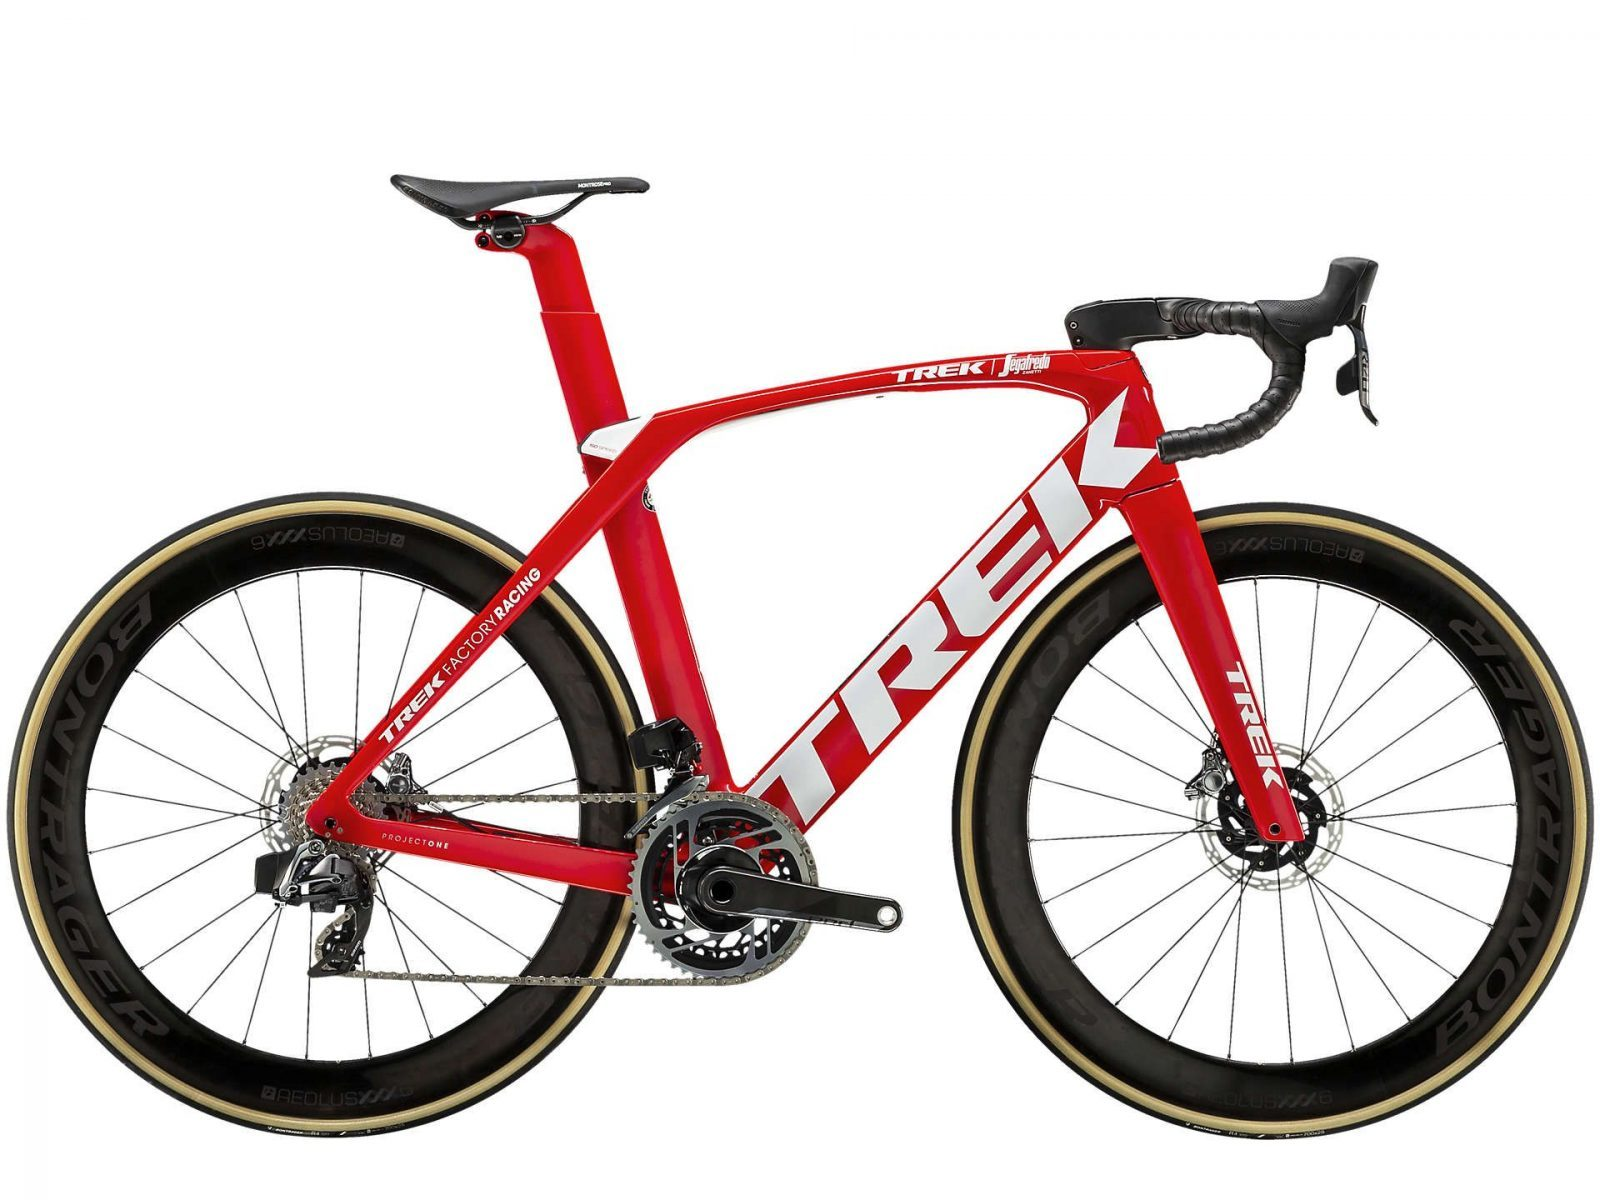 Trek Madone Yarış Bisikleti